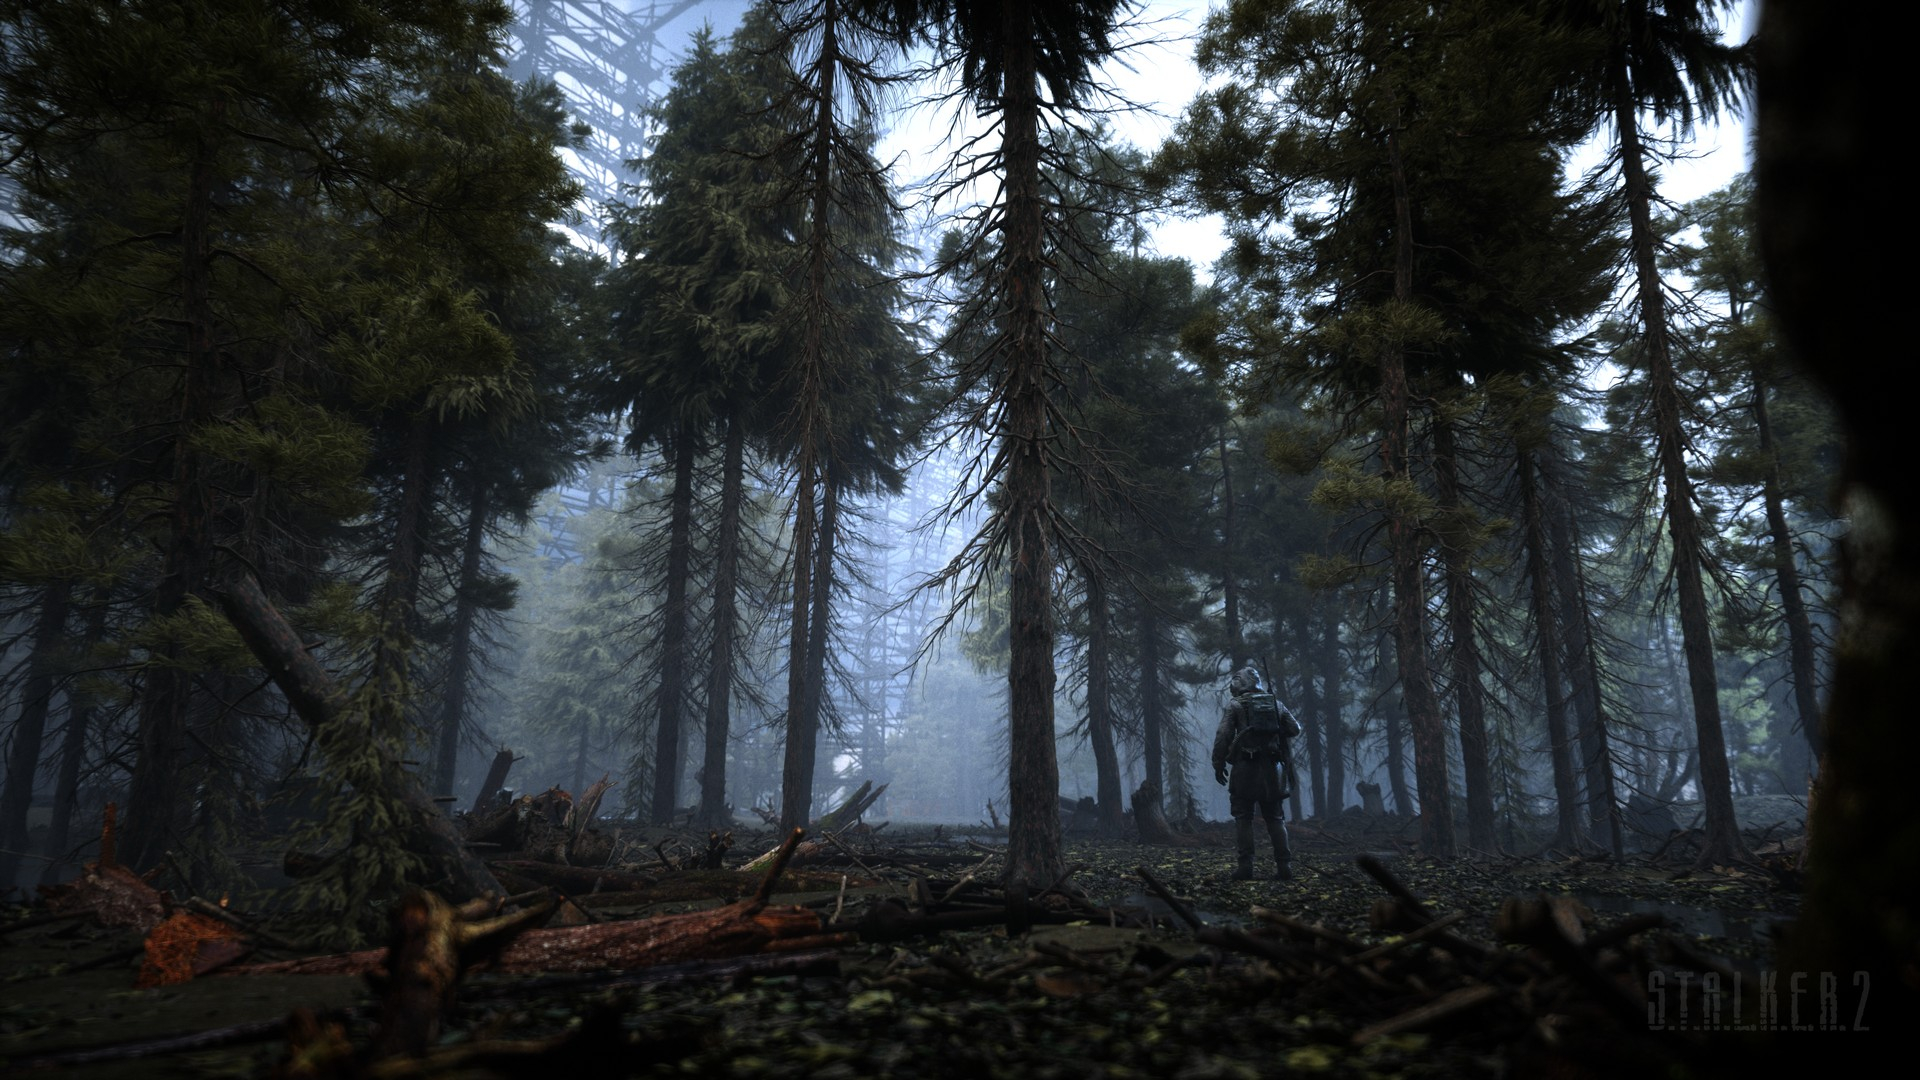 «Мы такого не одобряем»: разработчики S.T.A.L.K.E.R. 2 ответили на вопрос о политике и русофобии в игре